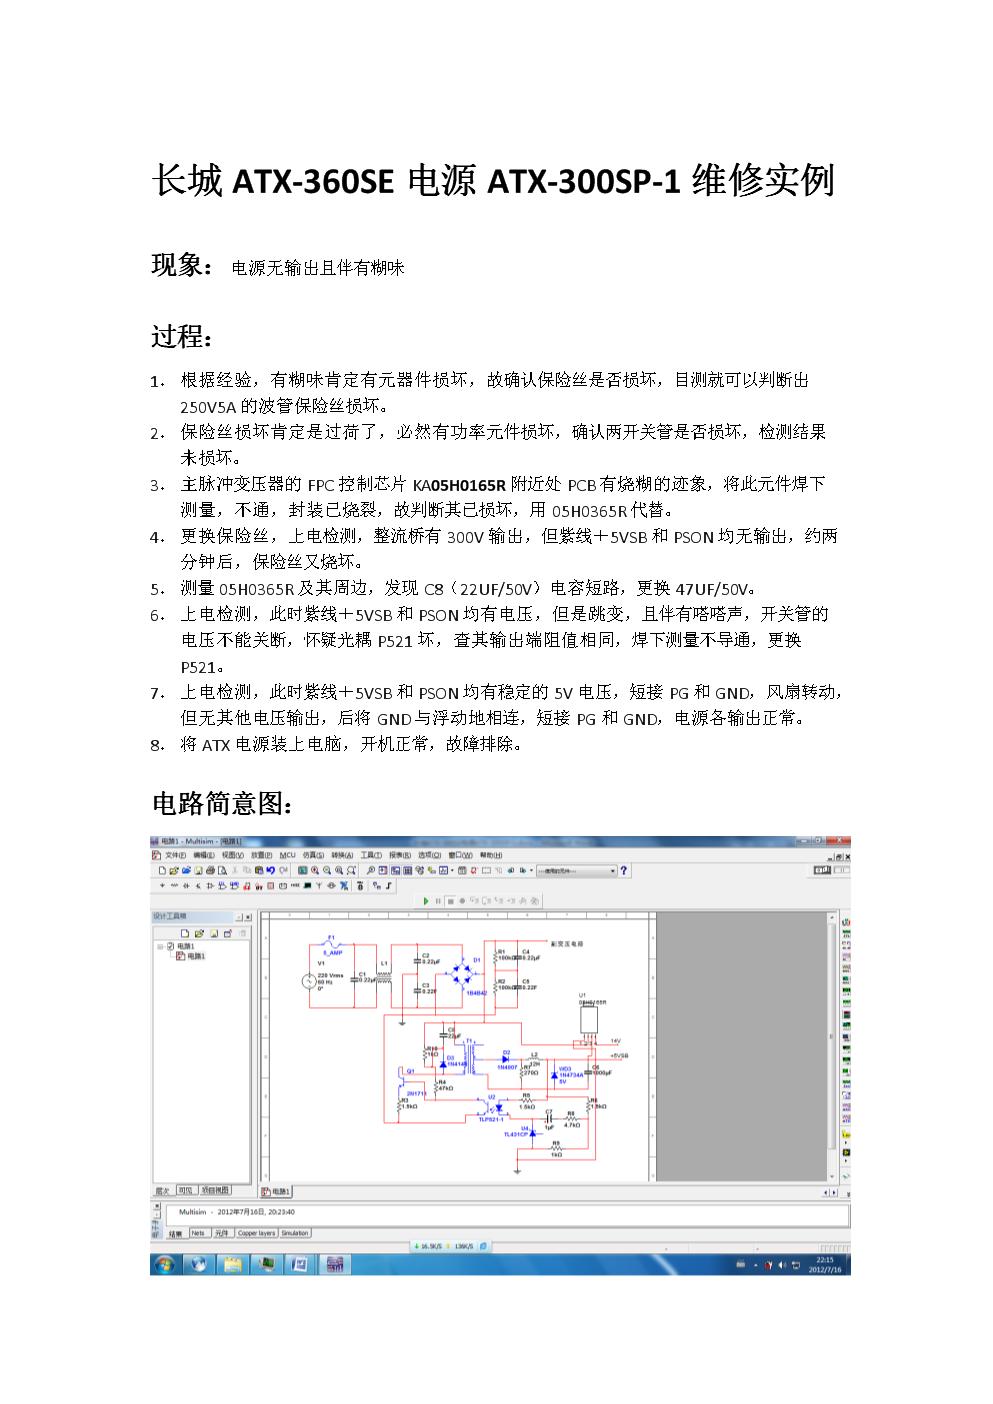 长城atx-360se电源atx-300sp-1维修实例.doc 1页